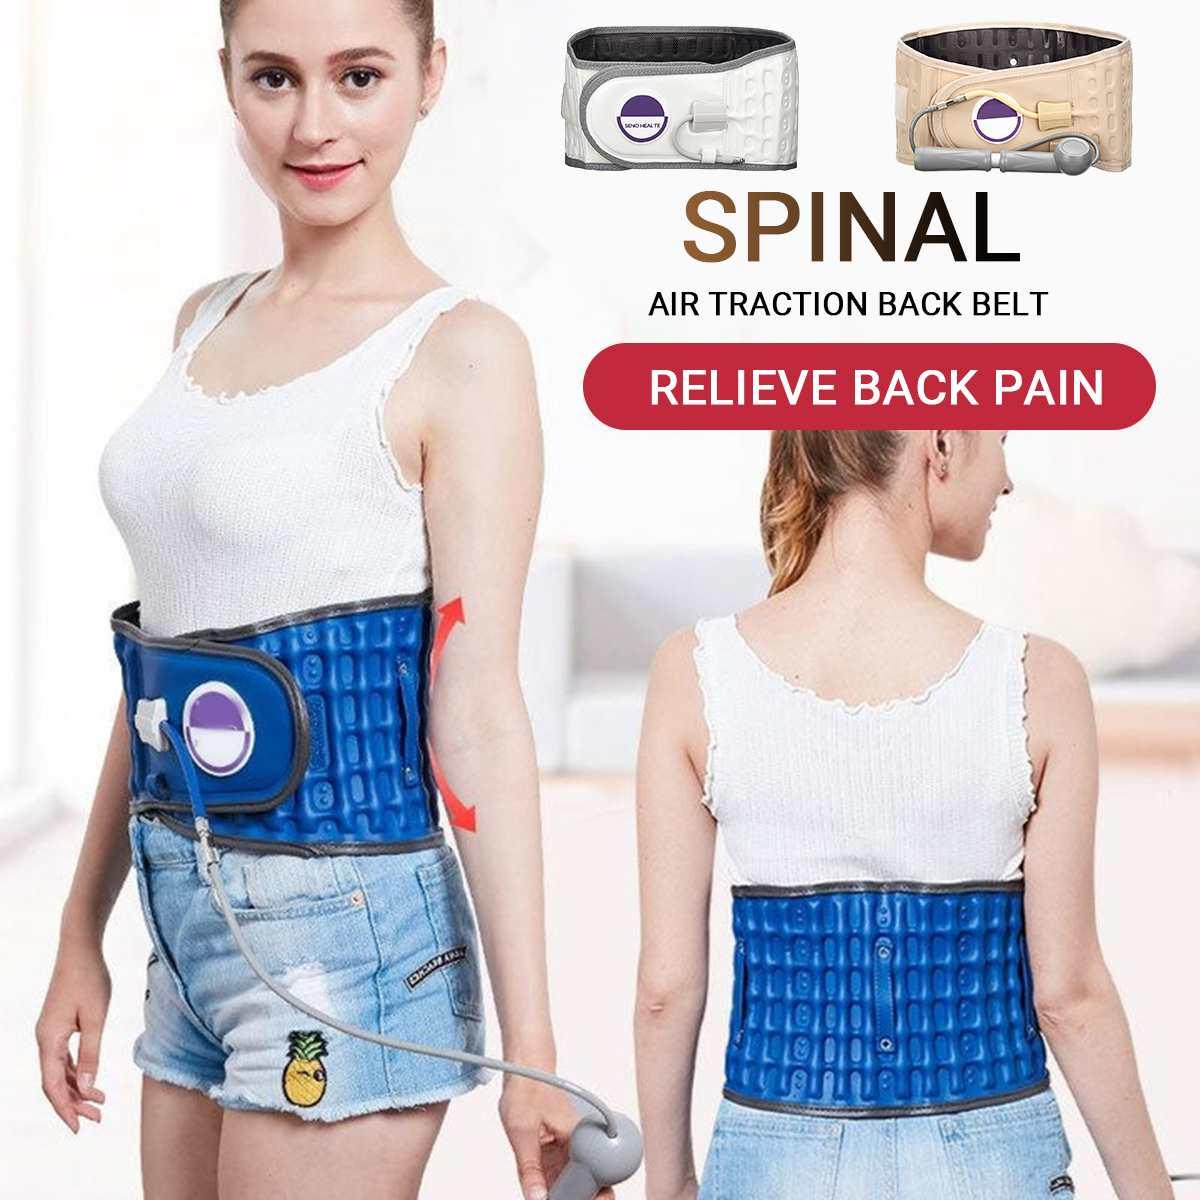 Ceinture de soulagement du dos ceinture de soutien ceinture de soutien lombaire unisexe masseur soulagement de la douleur retour du corps soins de santé Traction dos attelle de taille